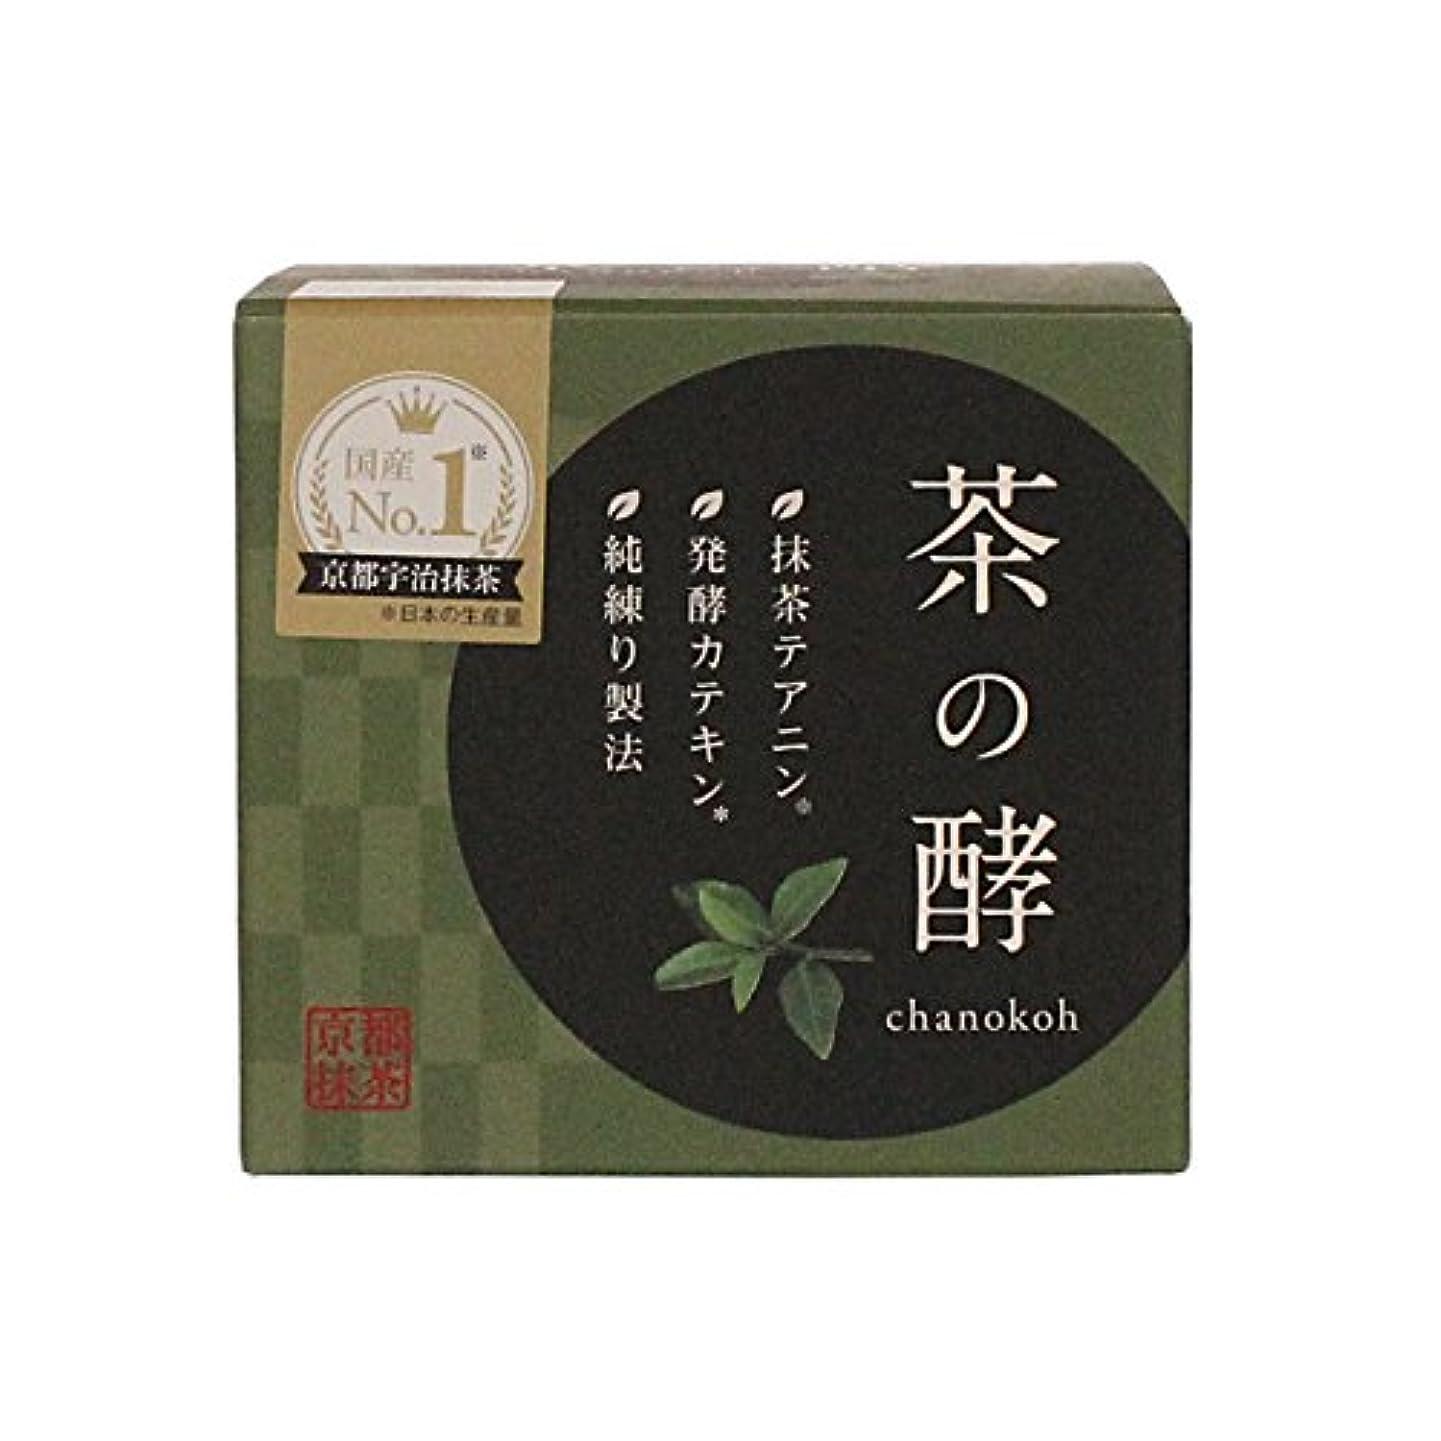 無駄な悲観的思い出させる伸和製薬 茶の酵 100g